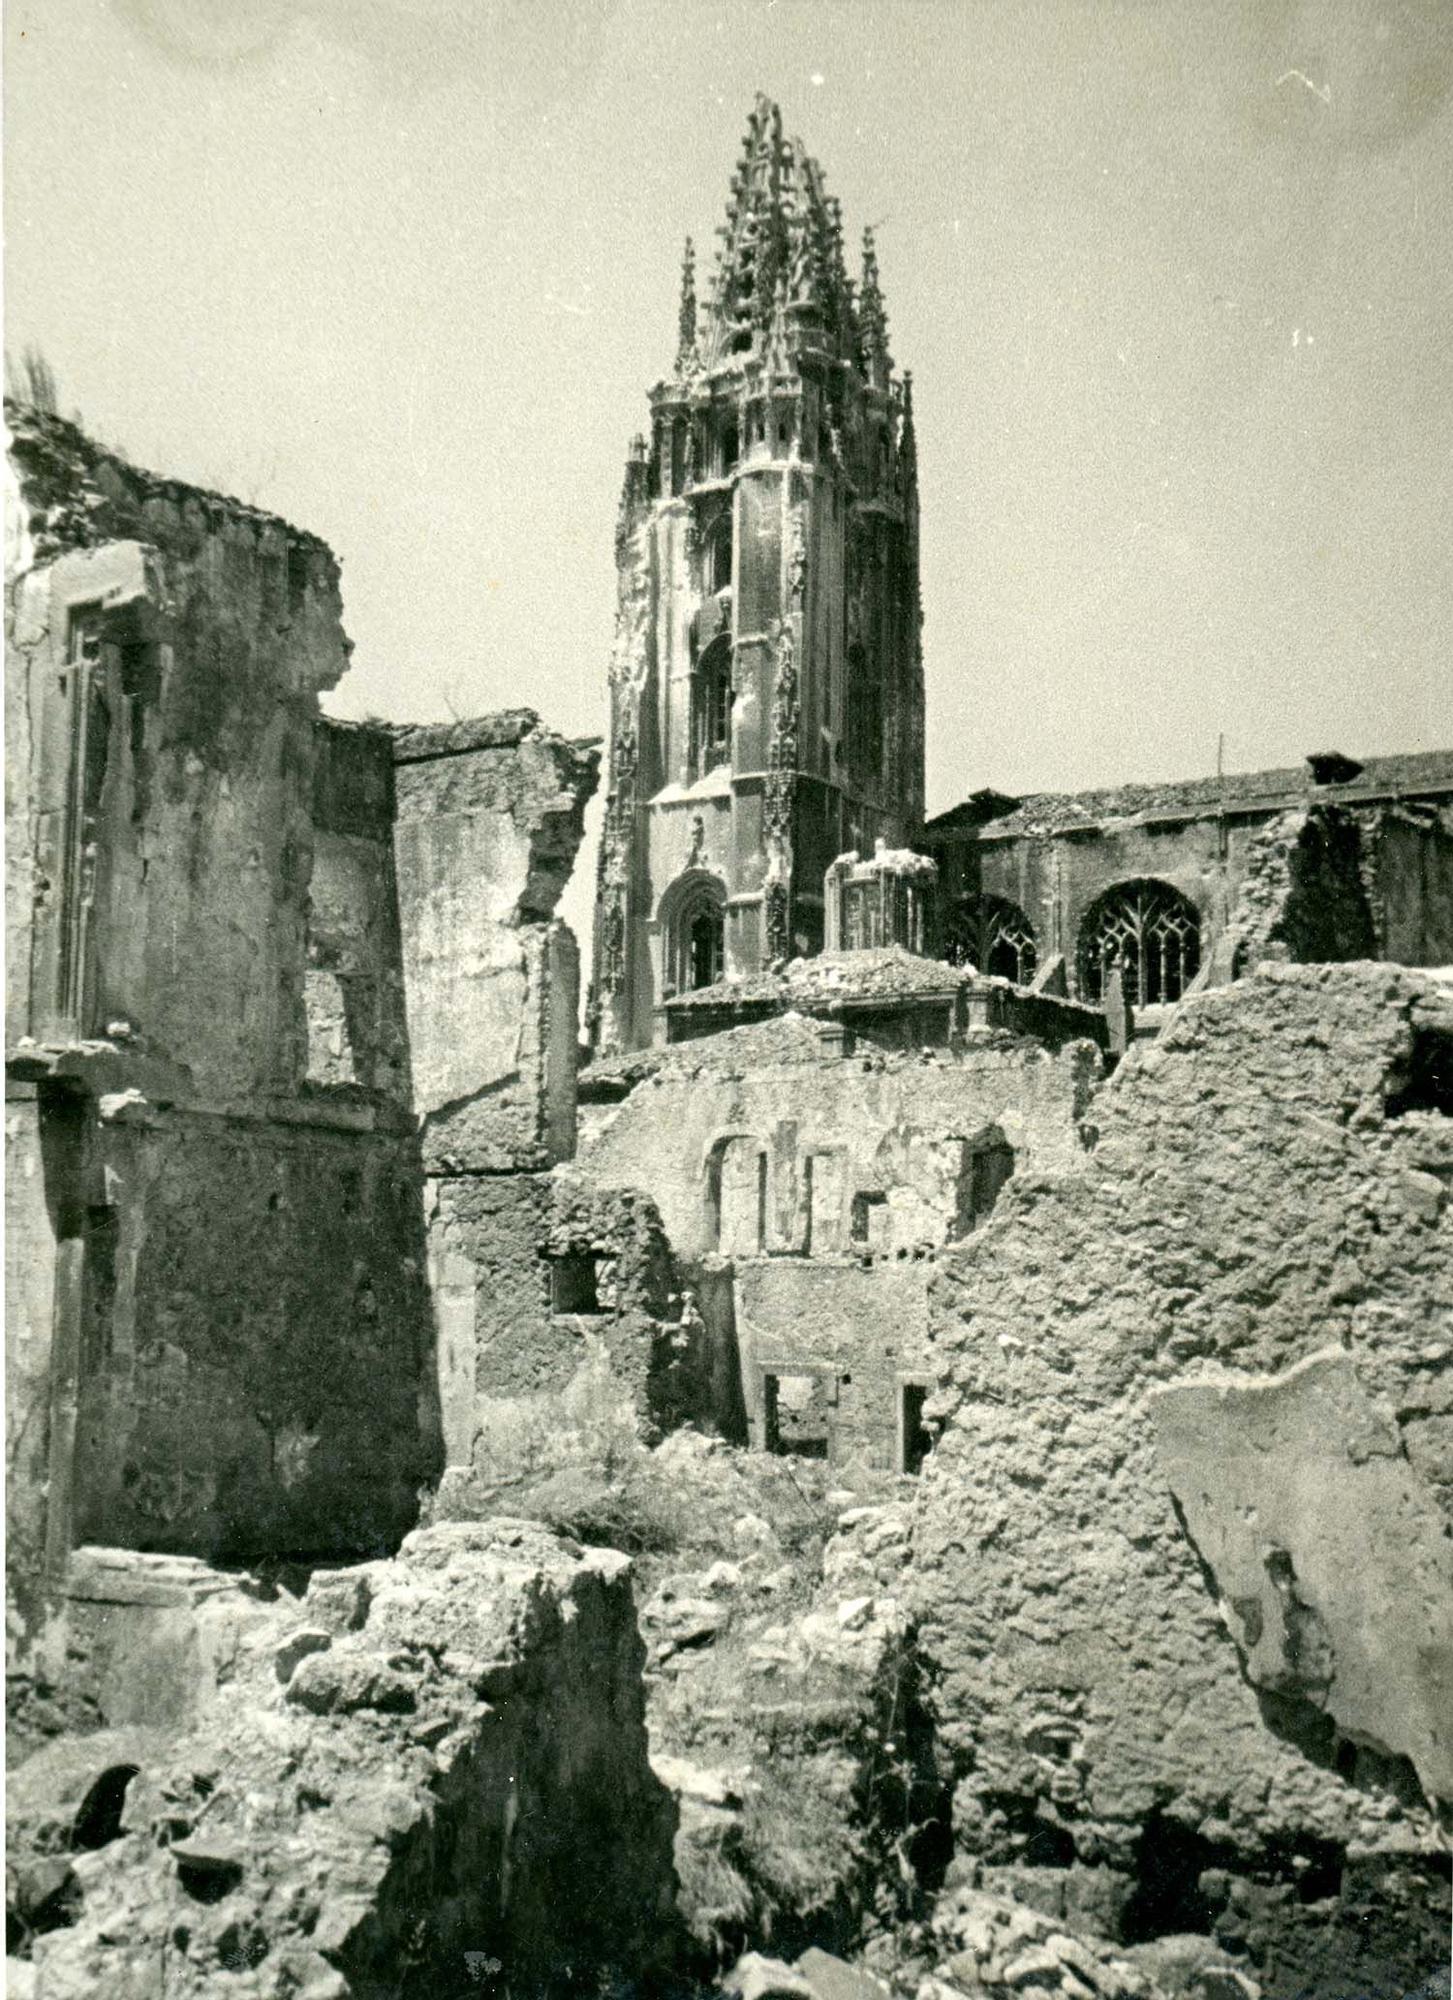 Adolfo López Armán (Oviedo). Vistas de la torre de la Catedral de Oviedo/Uviéu tras la Guerra Civil, 1938. | Donación anónima